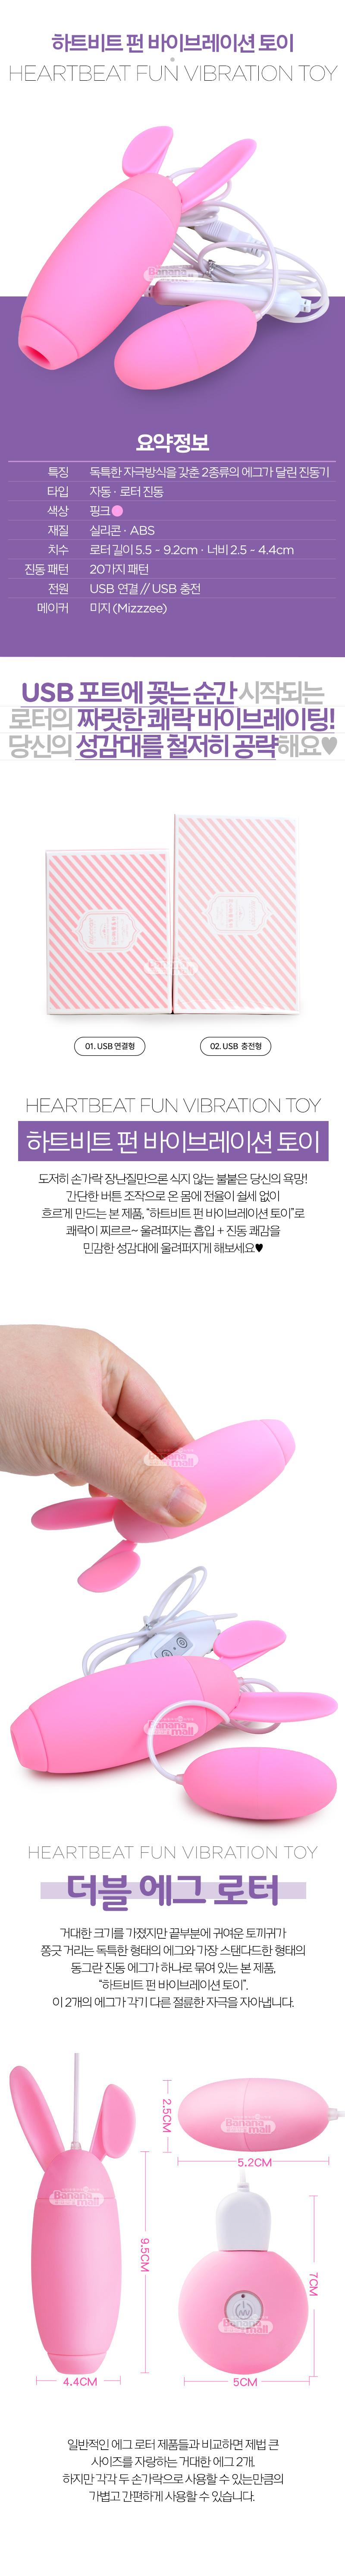 [20단 진동] 하트비트 펀 바이브레이션 토이(Heartbeat Fun Vibration Toy)